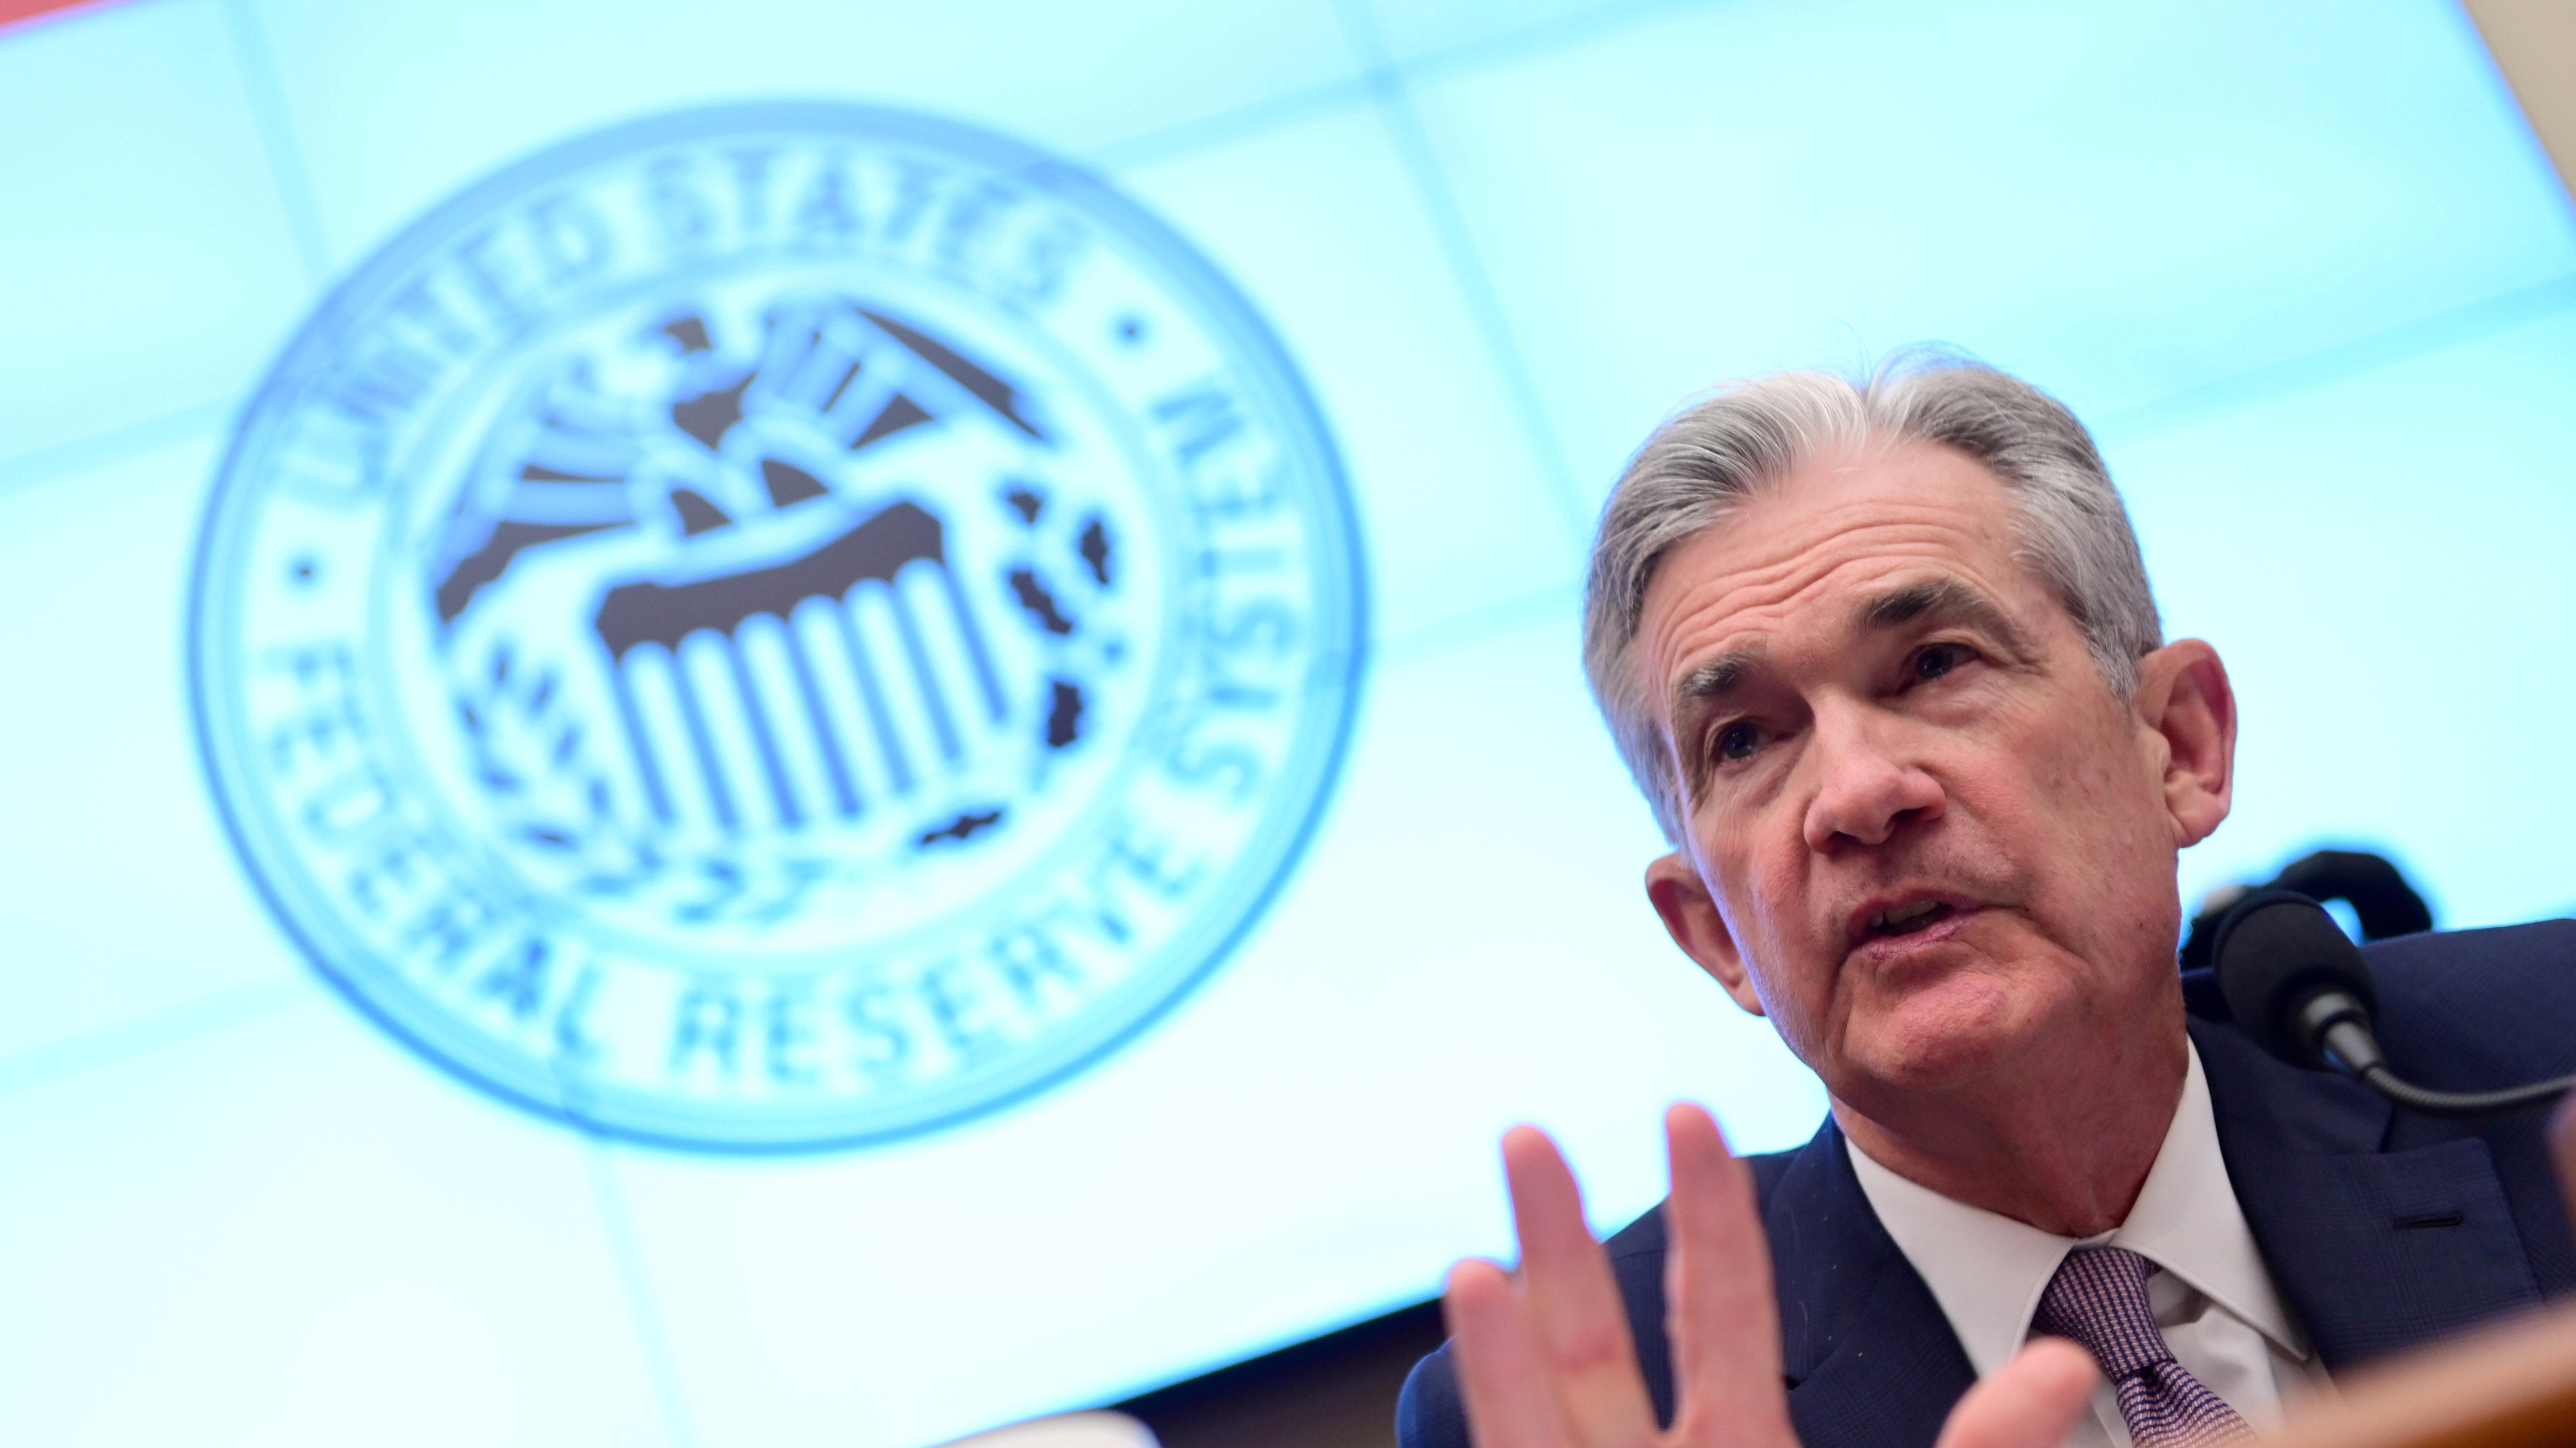 La Fed se aproxima a bajar por primera vez en más de una década la tasa de interés: ¿Qué efectos tendría en Chile?